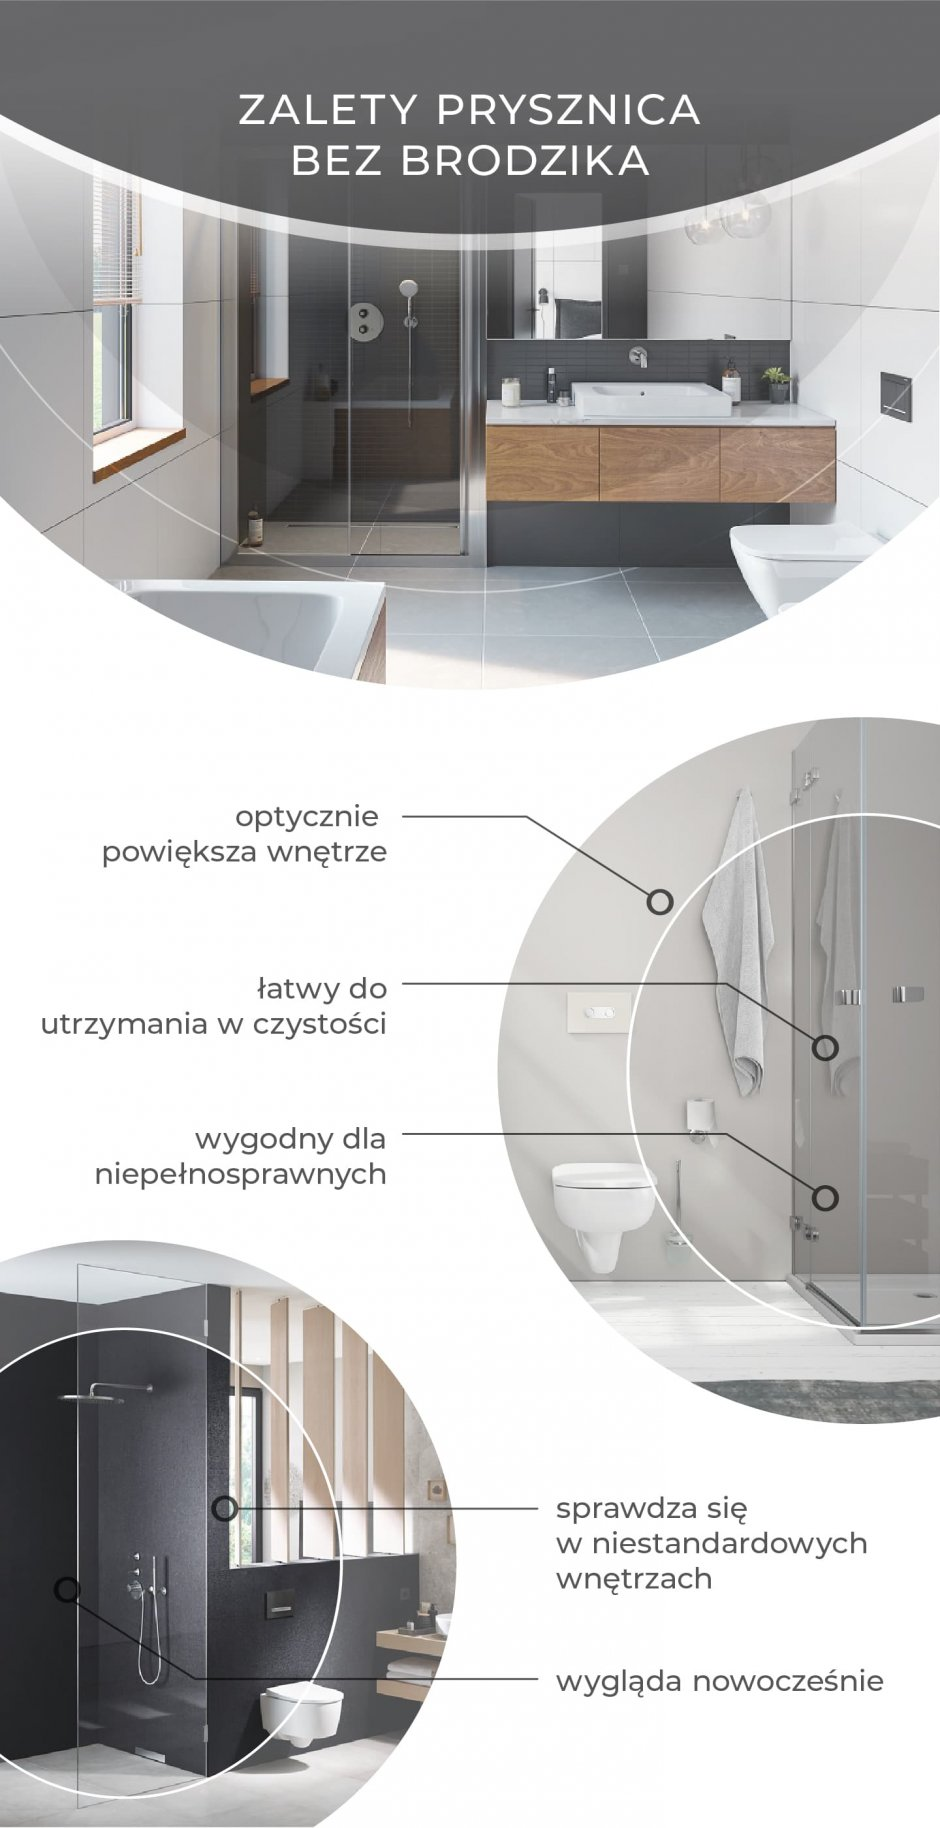 Łazienka bez brodzika